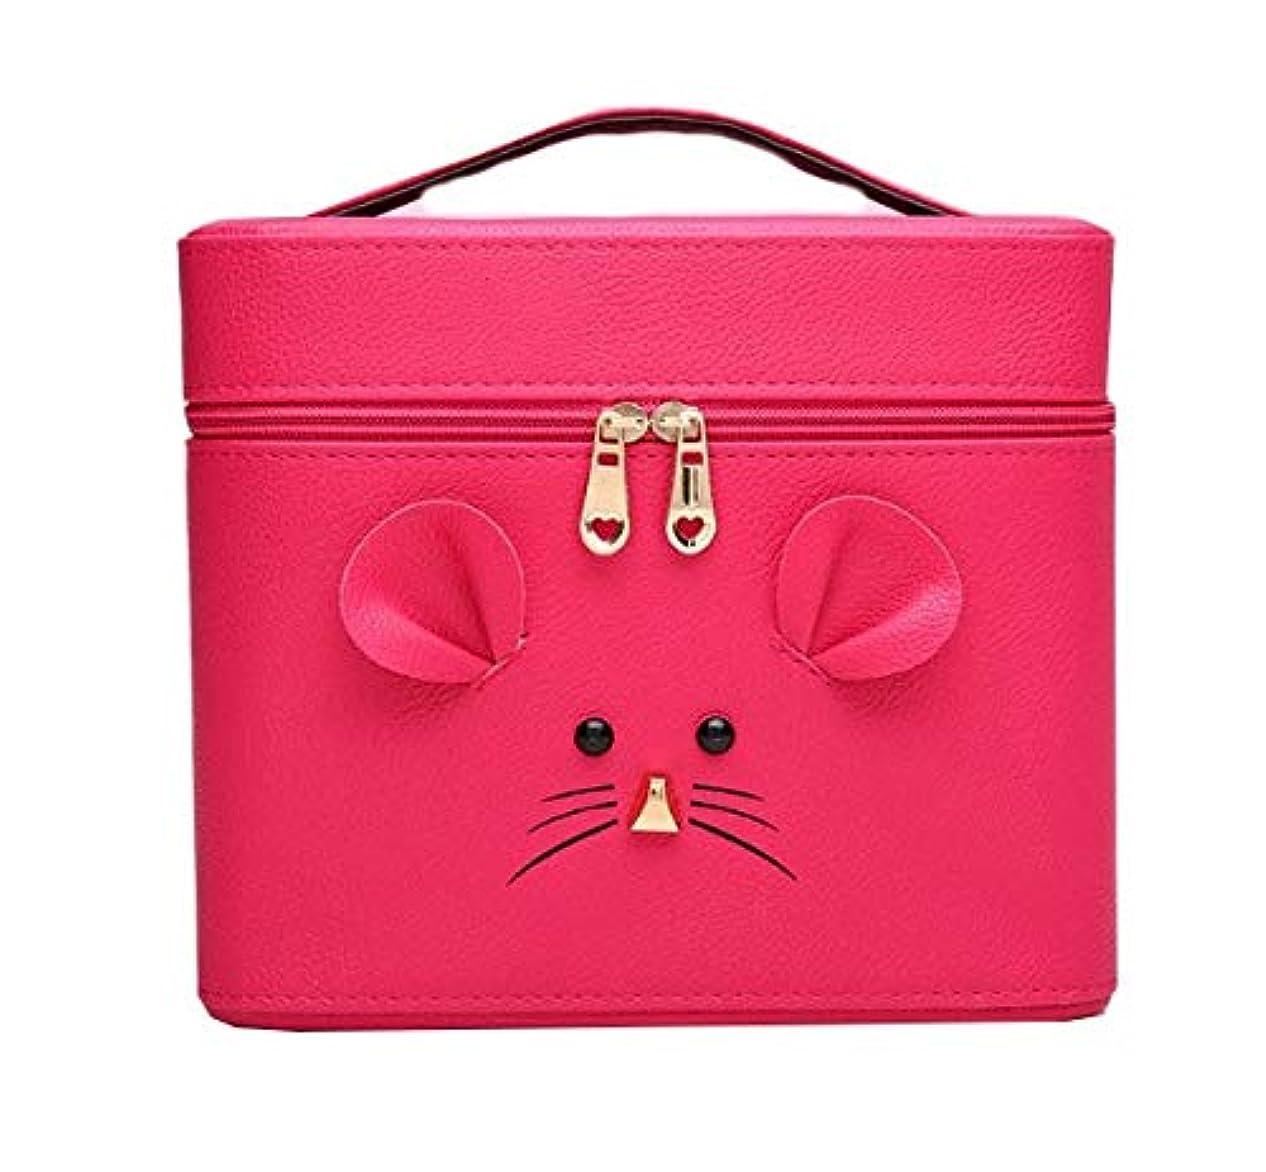 困惑する平和なボウル化粧箱、ローズレッド漫画マウス化粧ケース、ポータブル旅行化粧品ケース、美容ネイルジュエリー収納ボックス (Size : M)